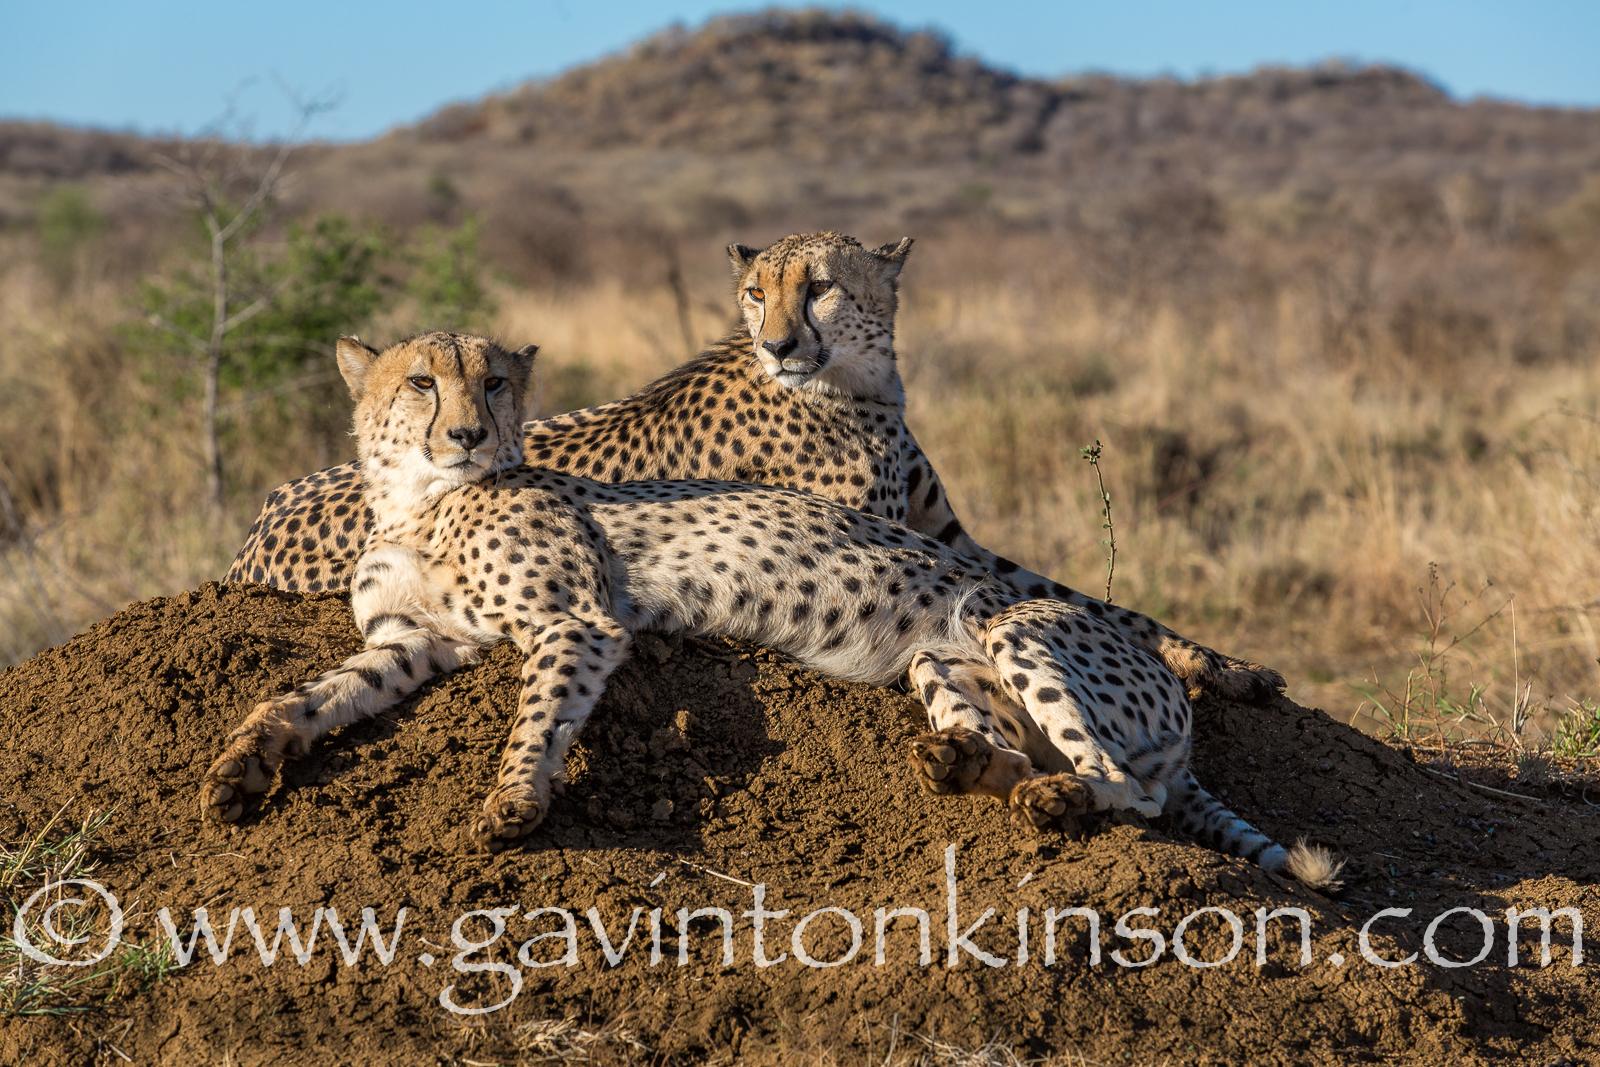 Termite cheetahs 3